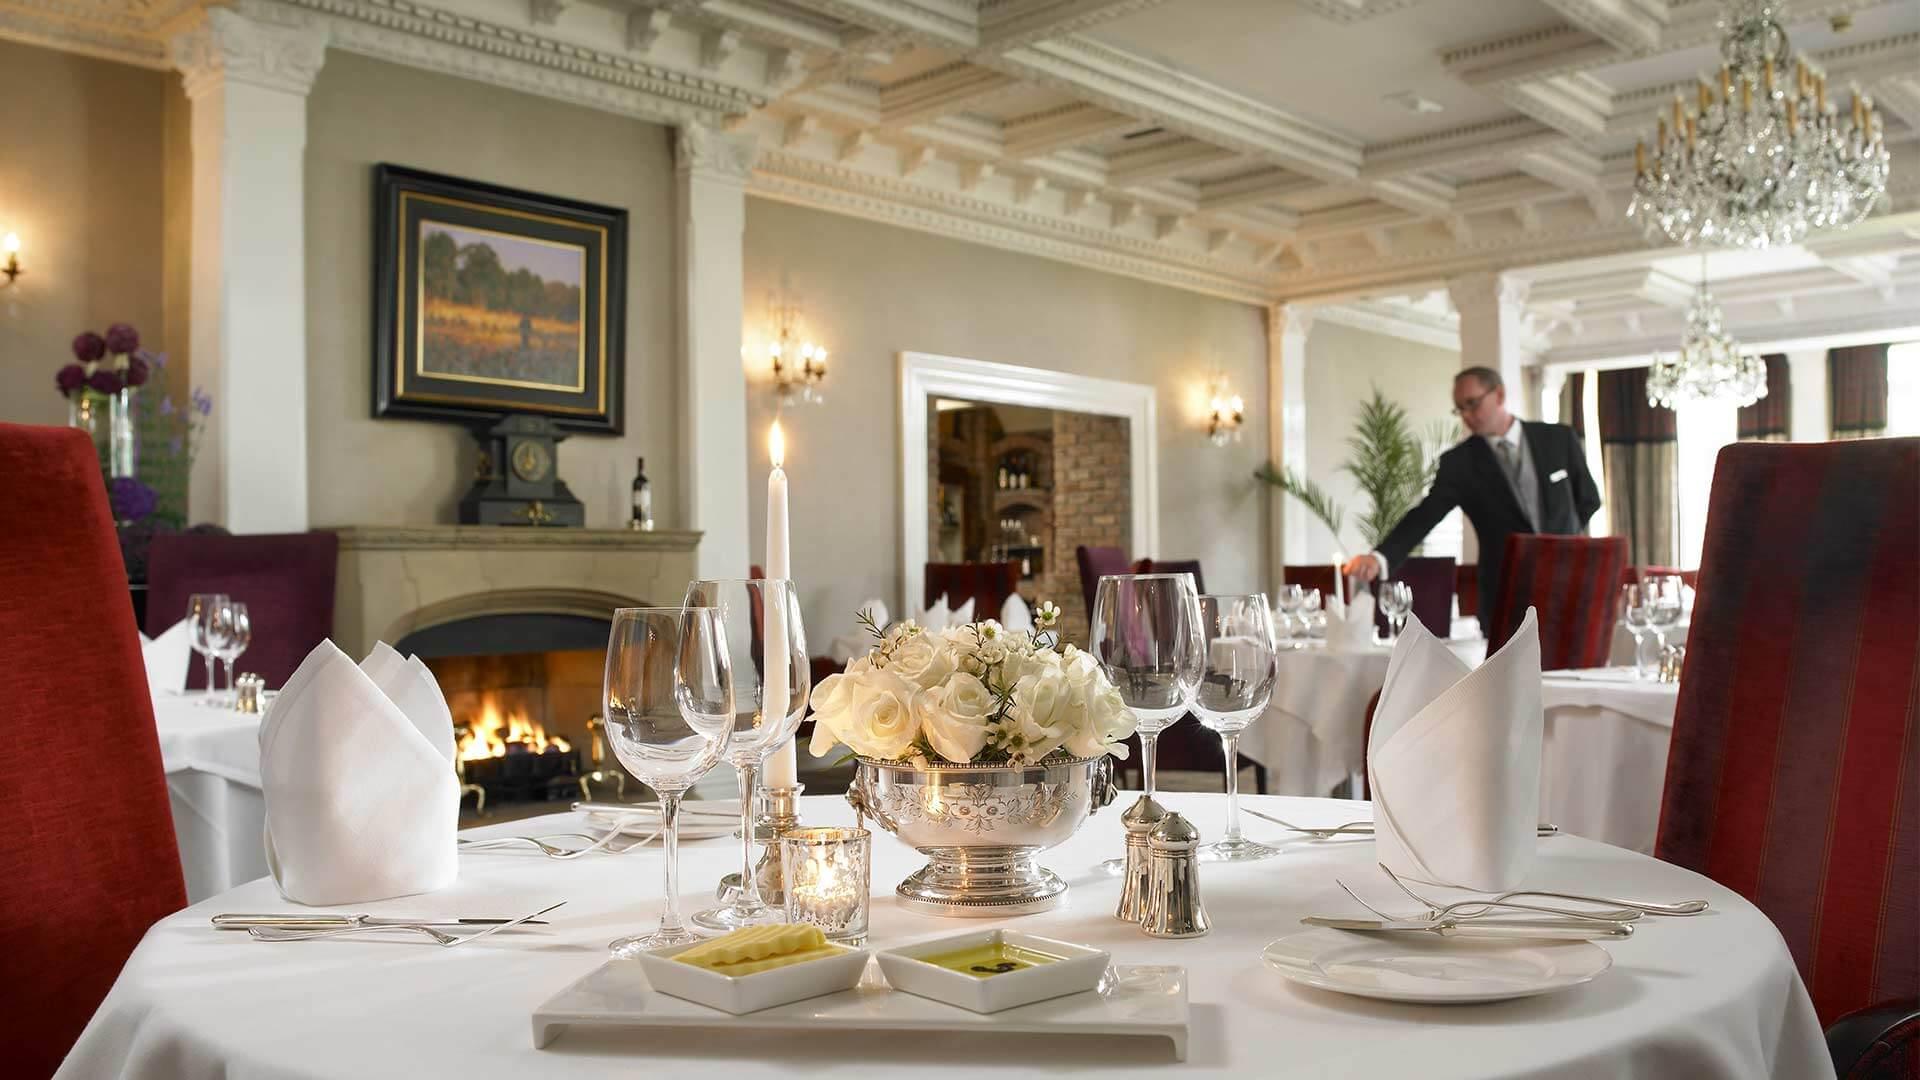 Killarney Park Hotel Dining